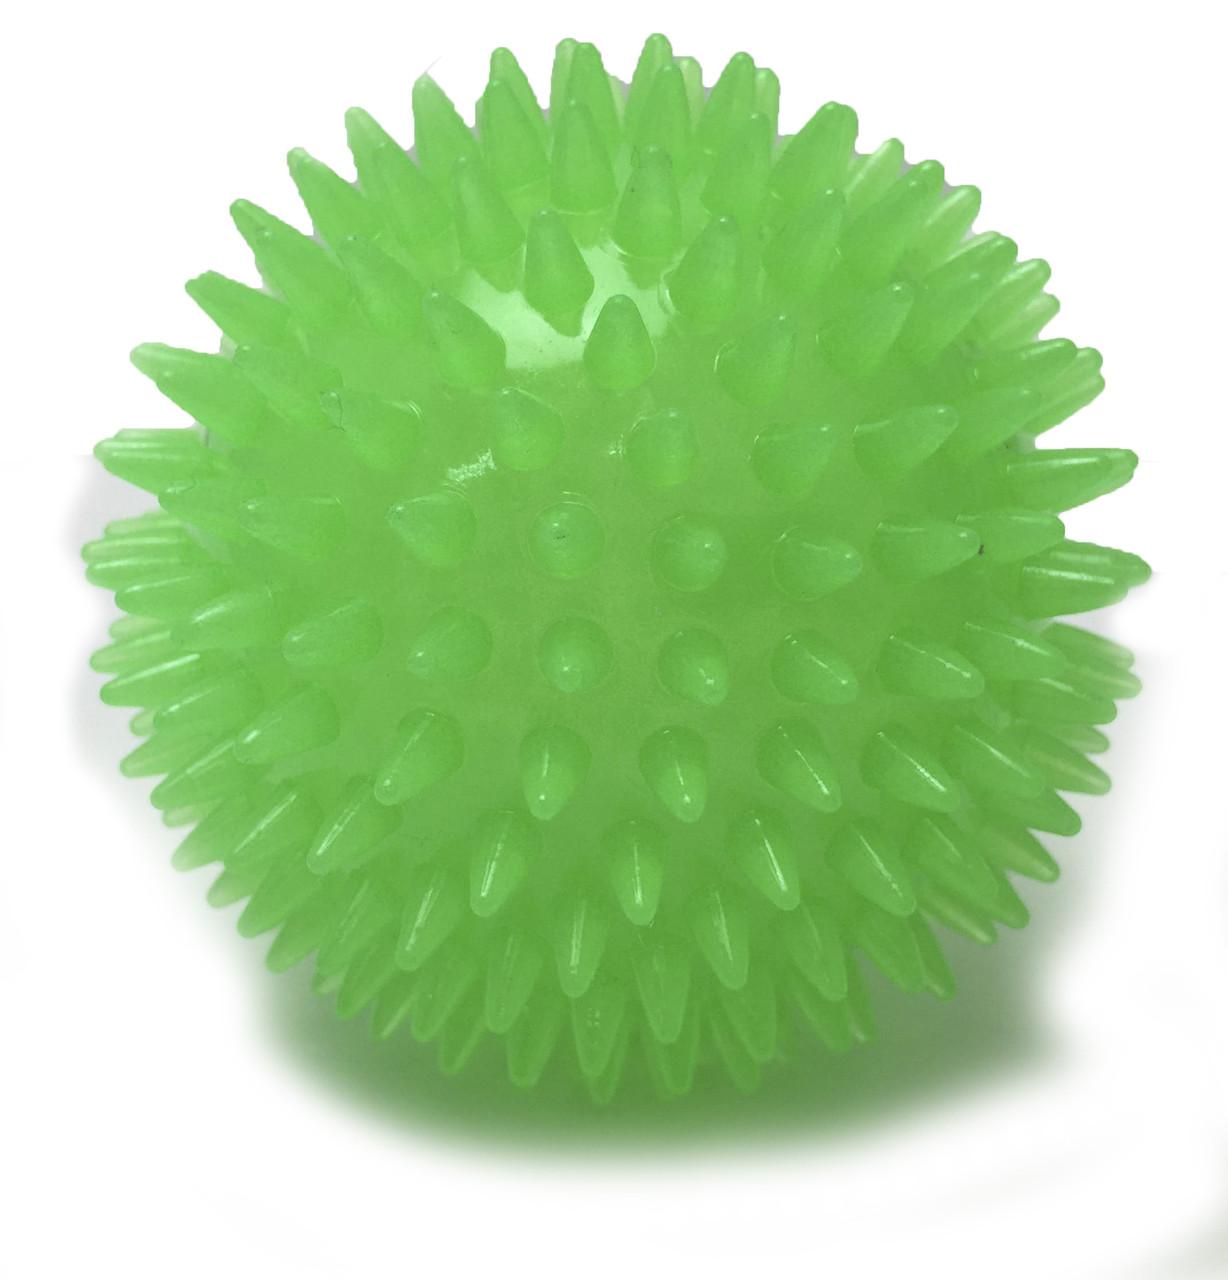 Игрушка для собак CROCI GLOW. Спайкибол, люминесцентный, высокопрочная резина, 9 см